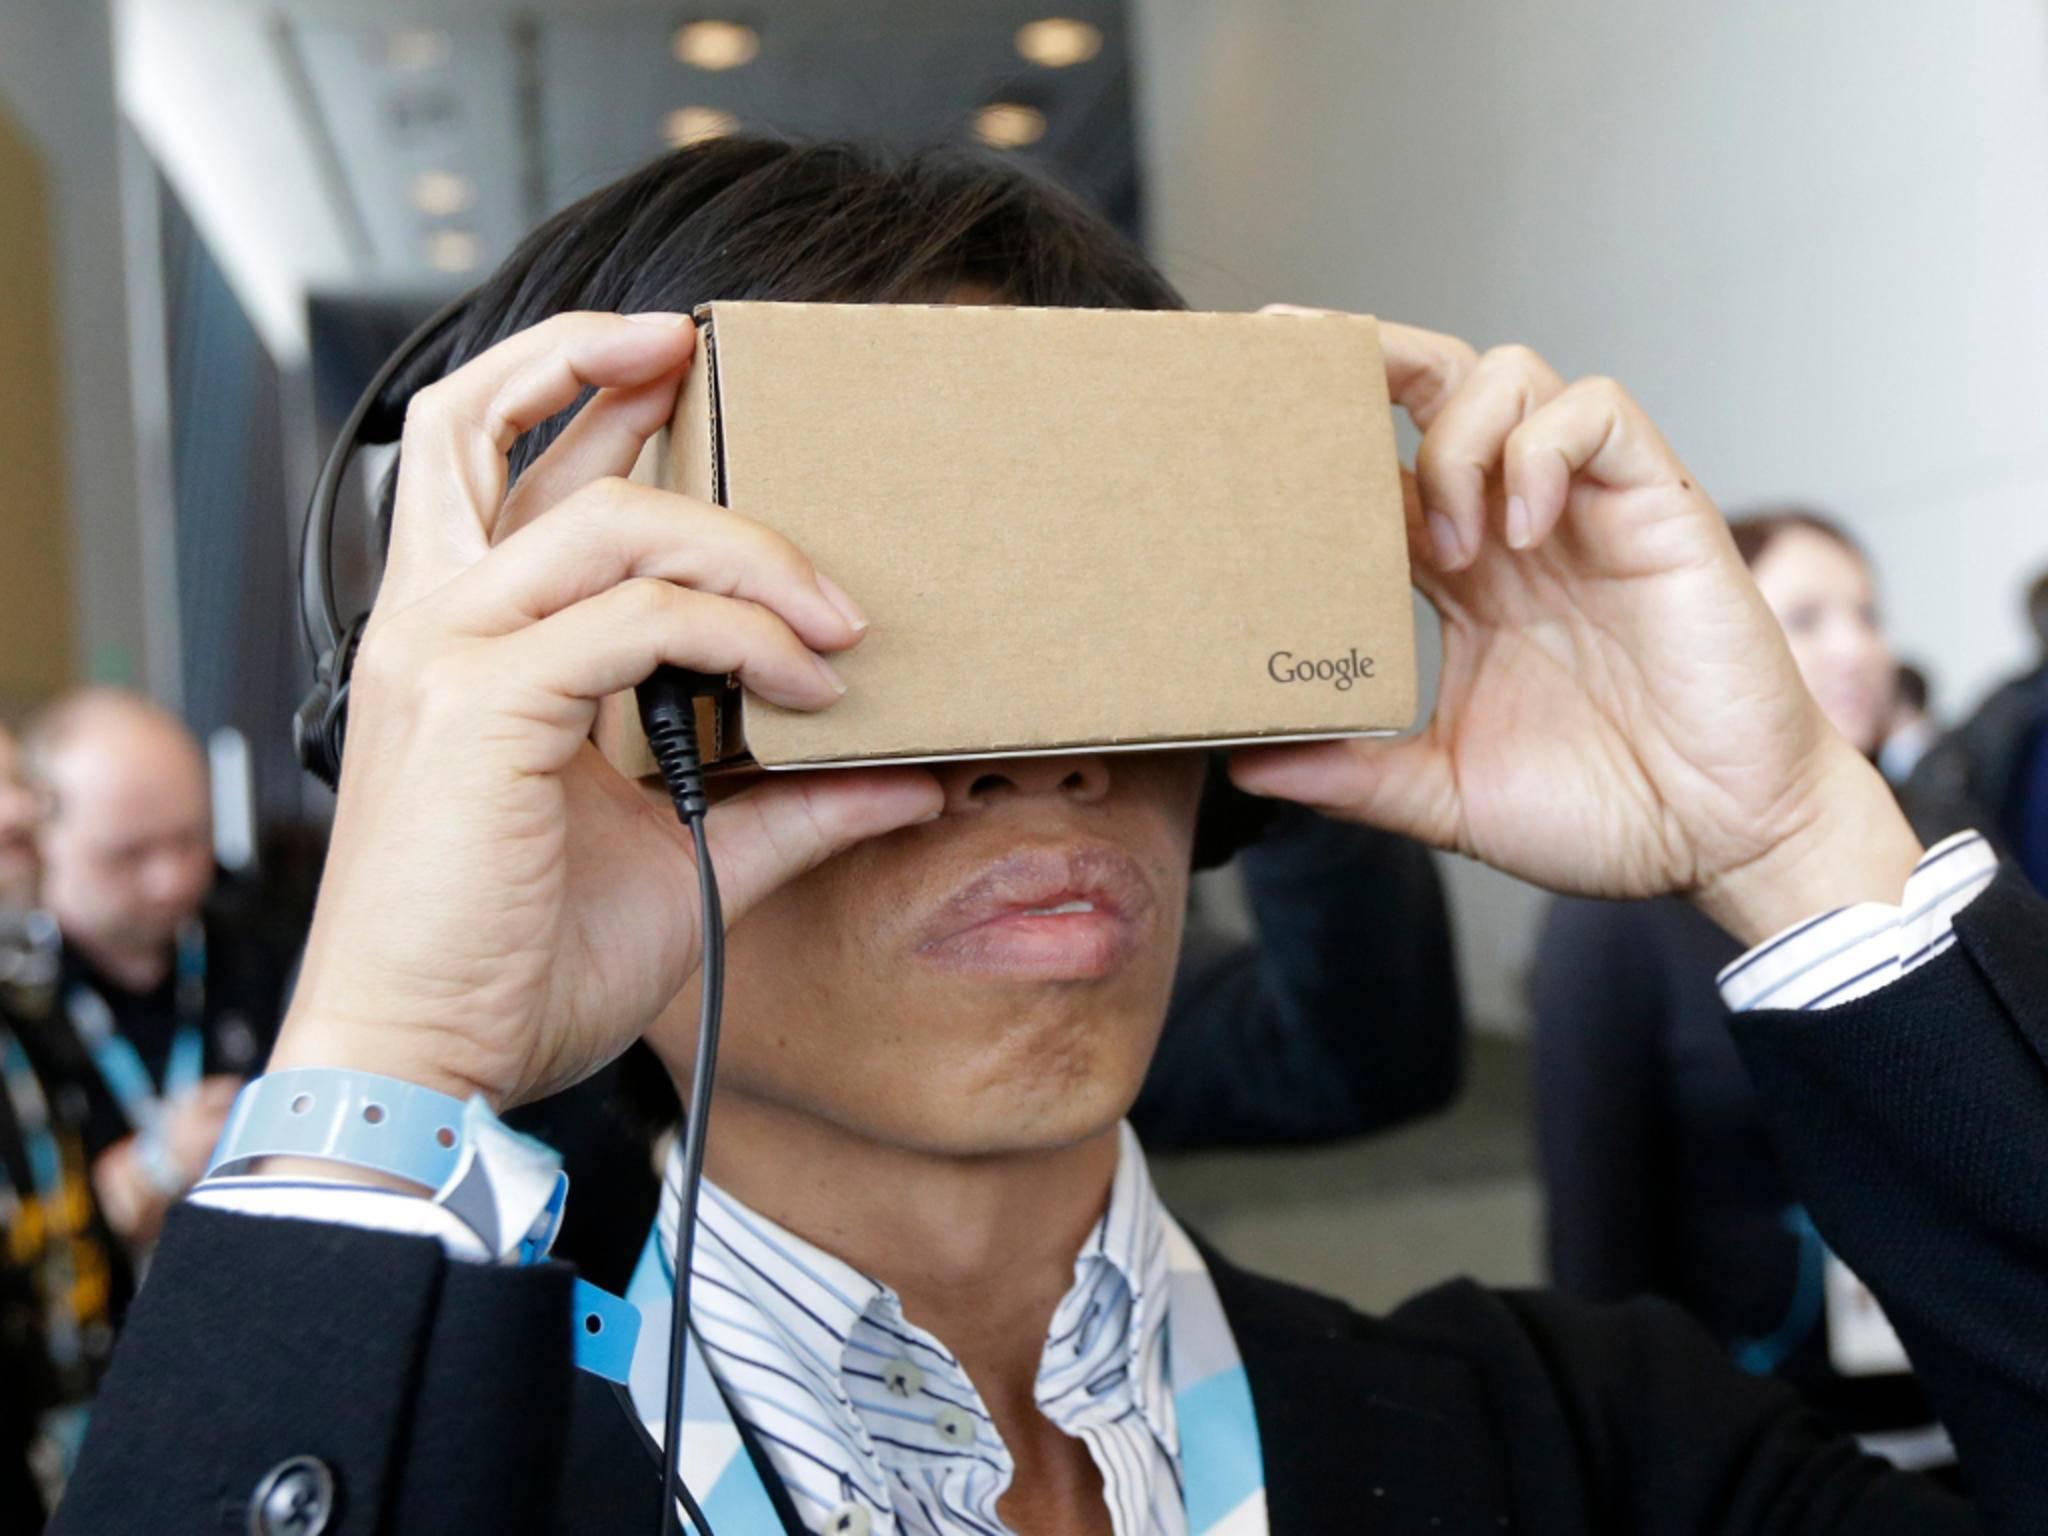 Per Pappbrille und App sind spannende VR-Einblicke möglich.